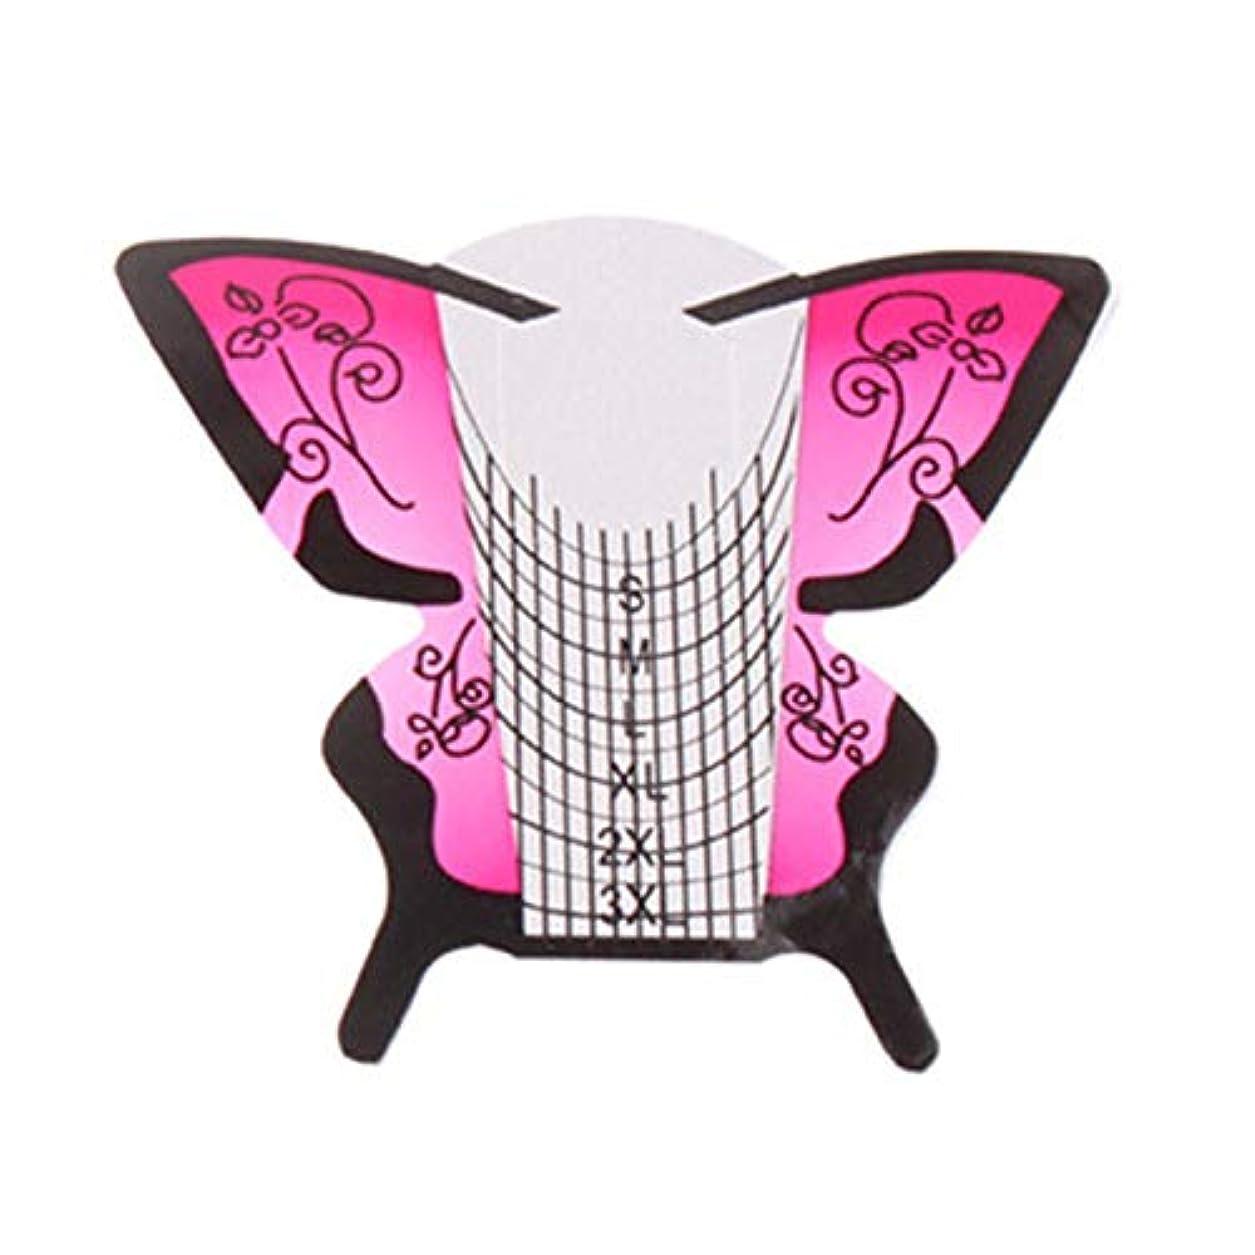 化粧アルコールダーリンNrpfell 300個/ロール ネイルアートフォーム蝶彫刻のヒントステッカーガイド拡張アクリルUVジェルツール 給紙トレイB